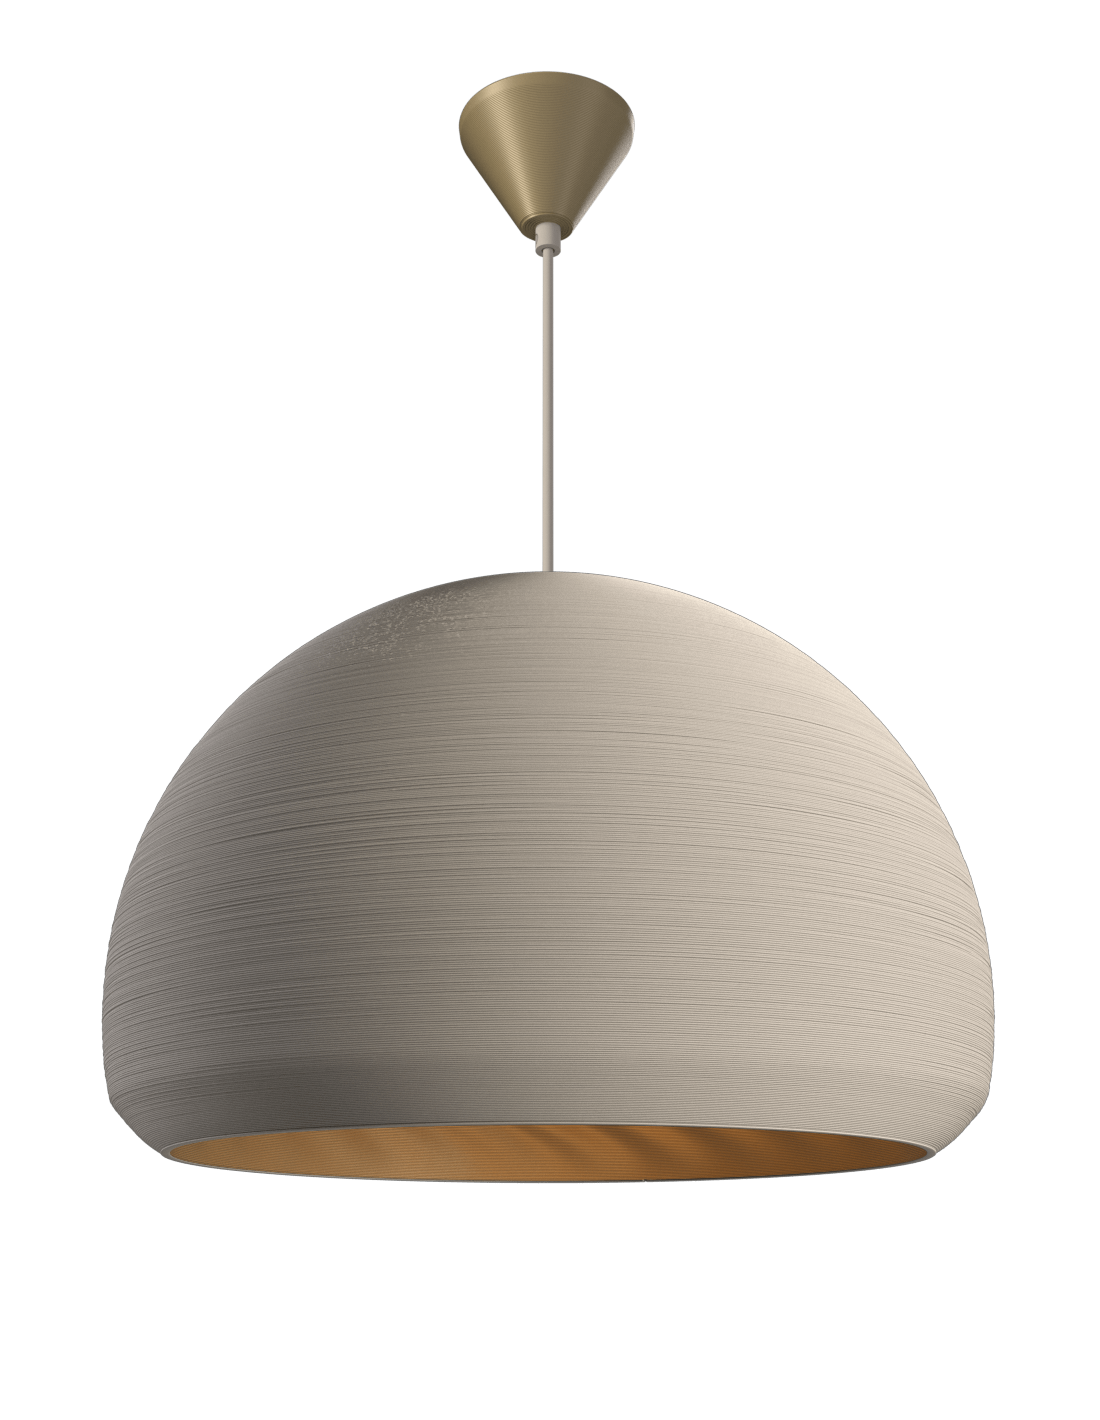 Double Dome Pendant Satin white